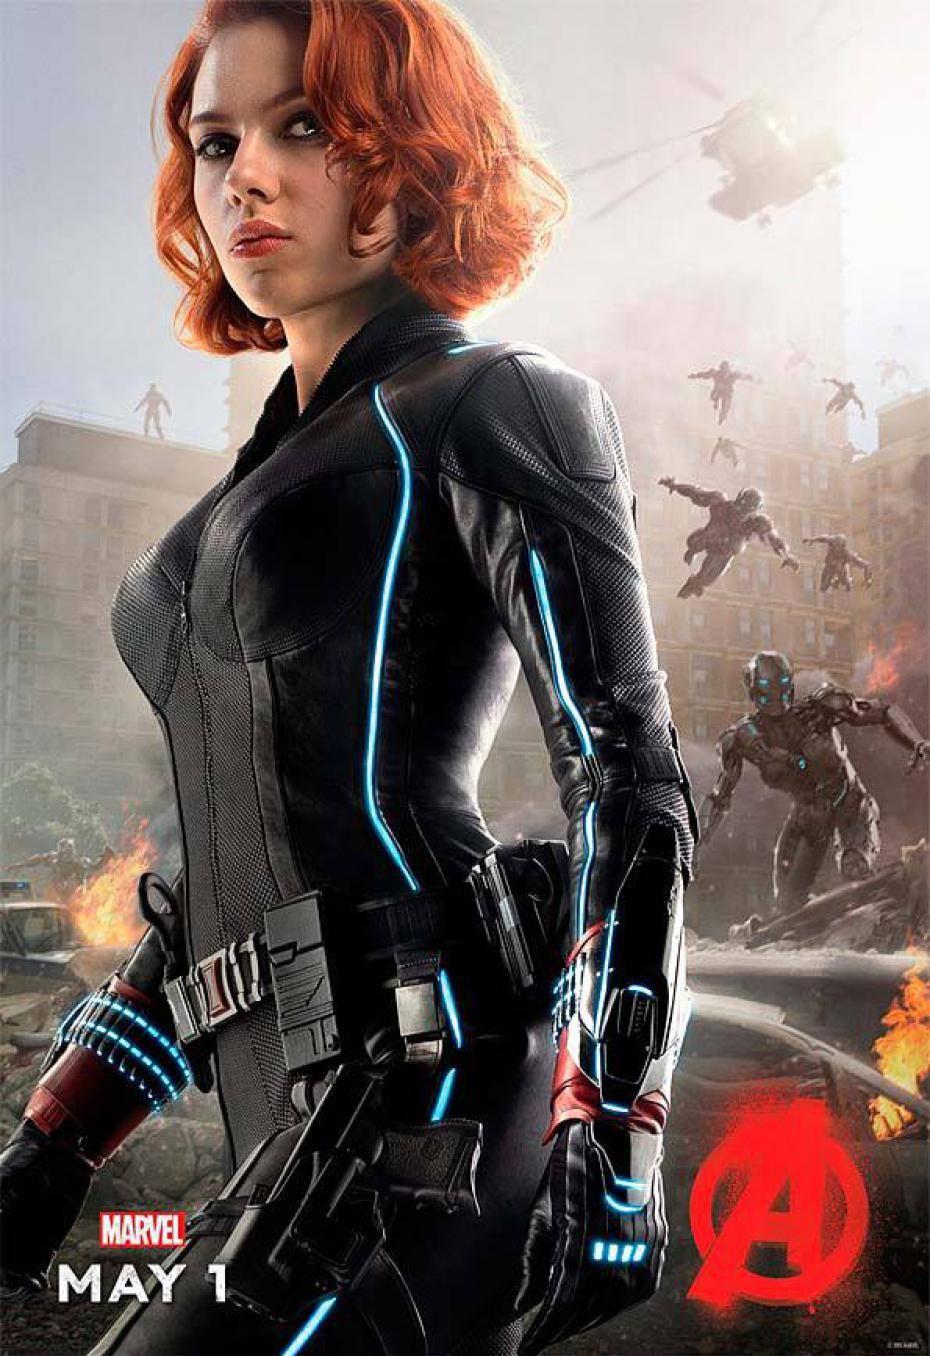 Los Vengadores 2 Viuda Negra En El Nuevo Póster Los Vengadores 2 Marvel Peliculas Marvel Avengers